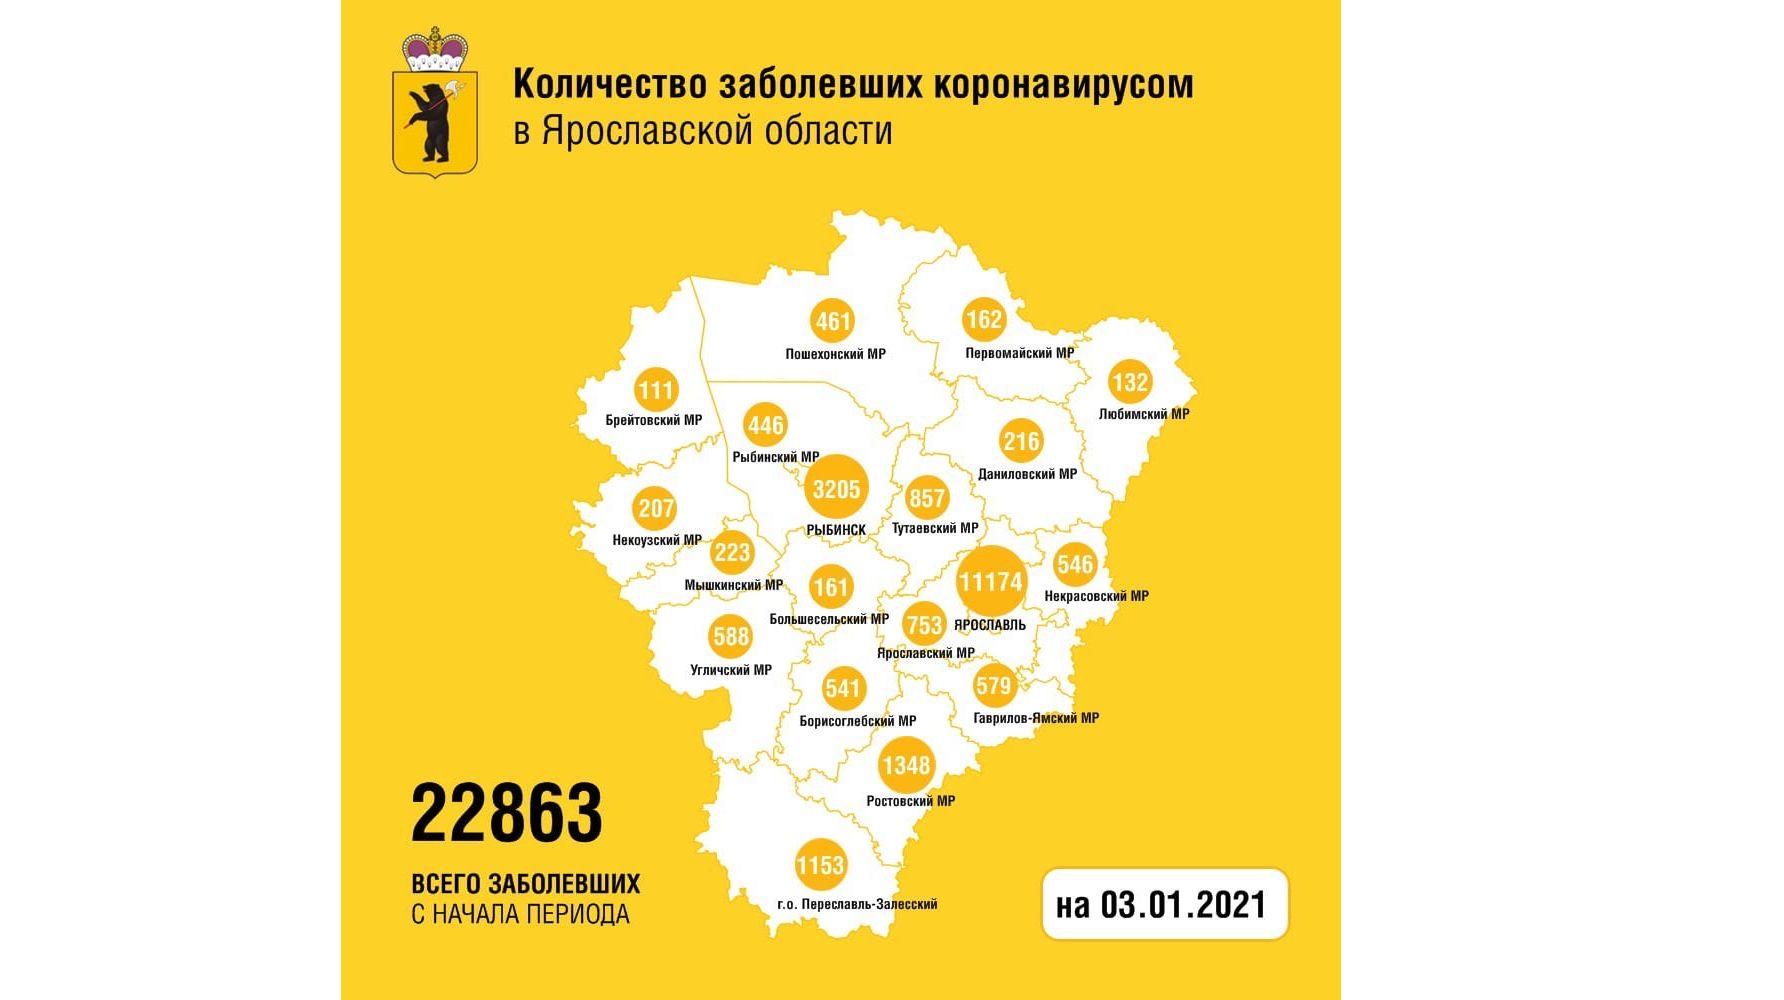 В Ярославской области заболели коронавирусом еще 187 человек, шестеро скончались